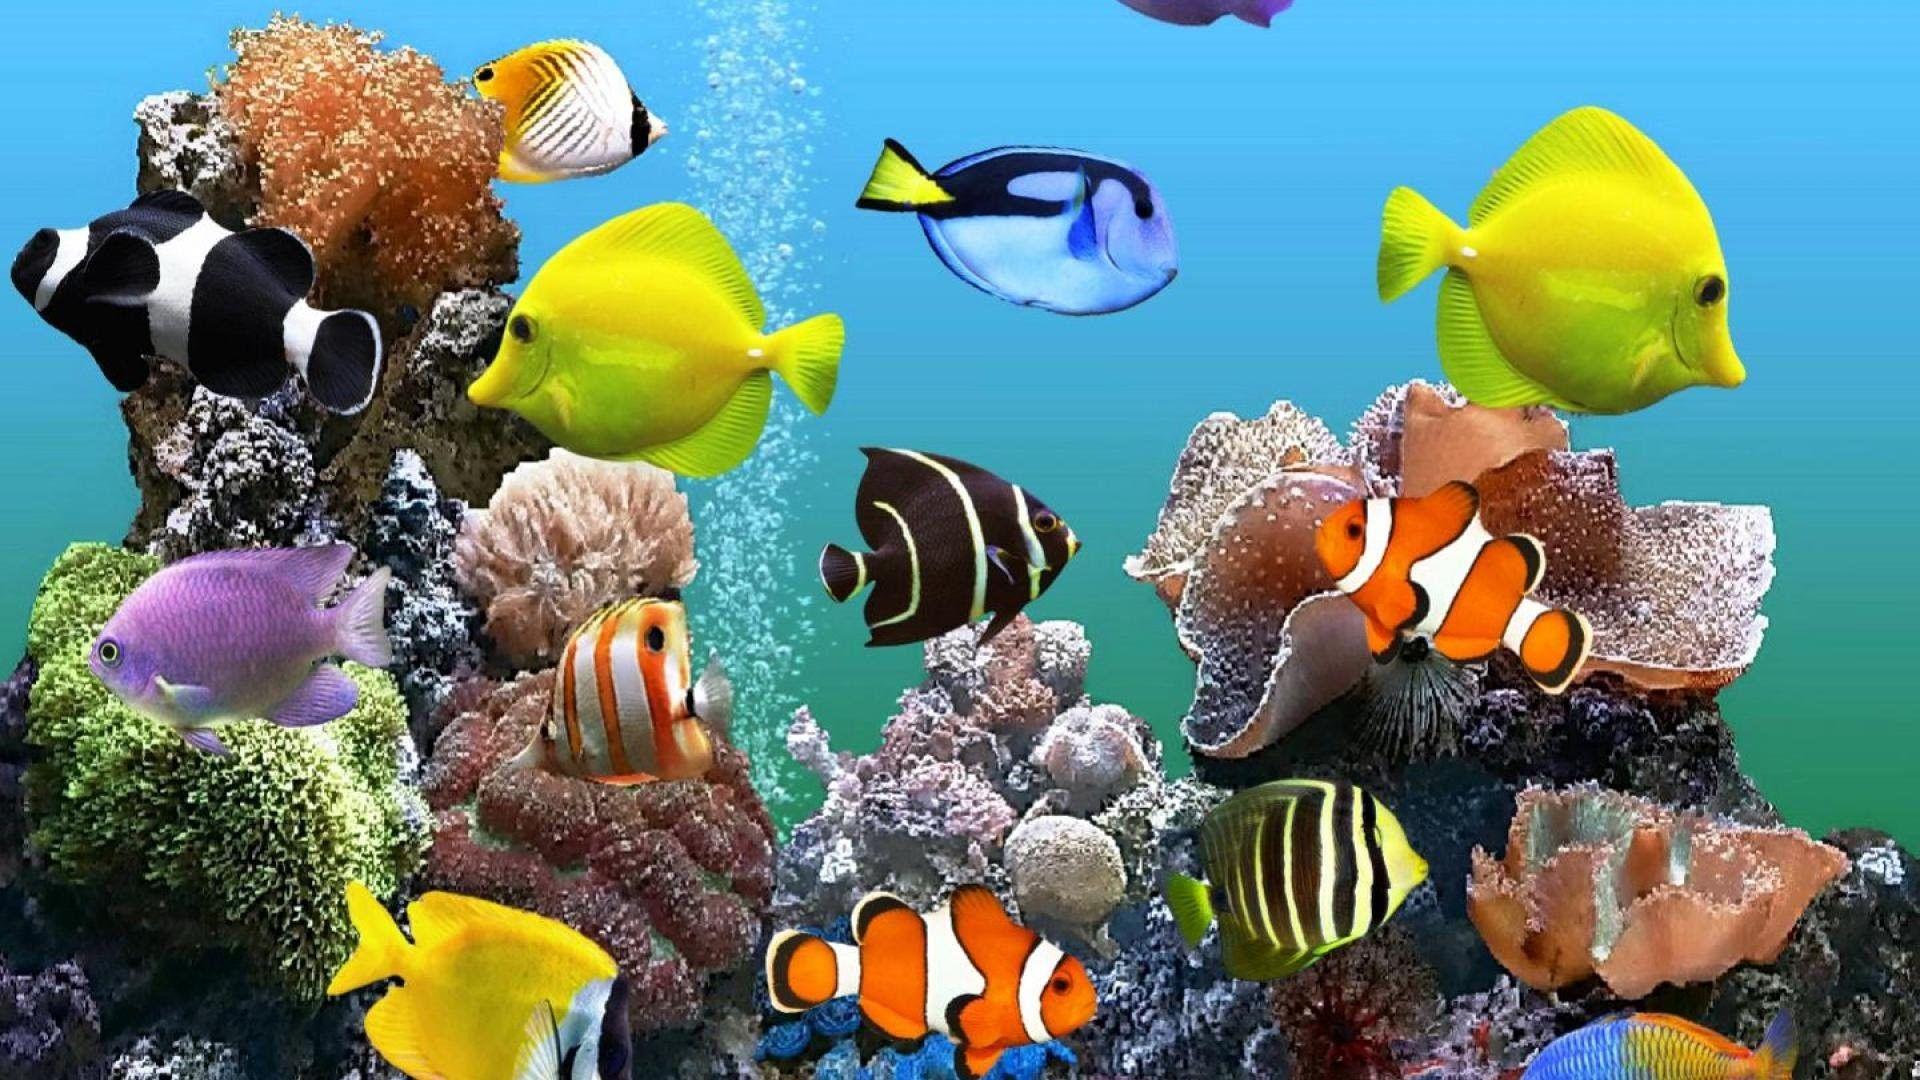 Aquarium Desktop Wallpapers   Top Aquarium Desktop 1920x1080